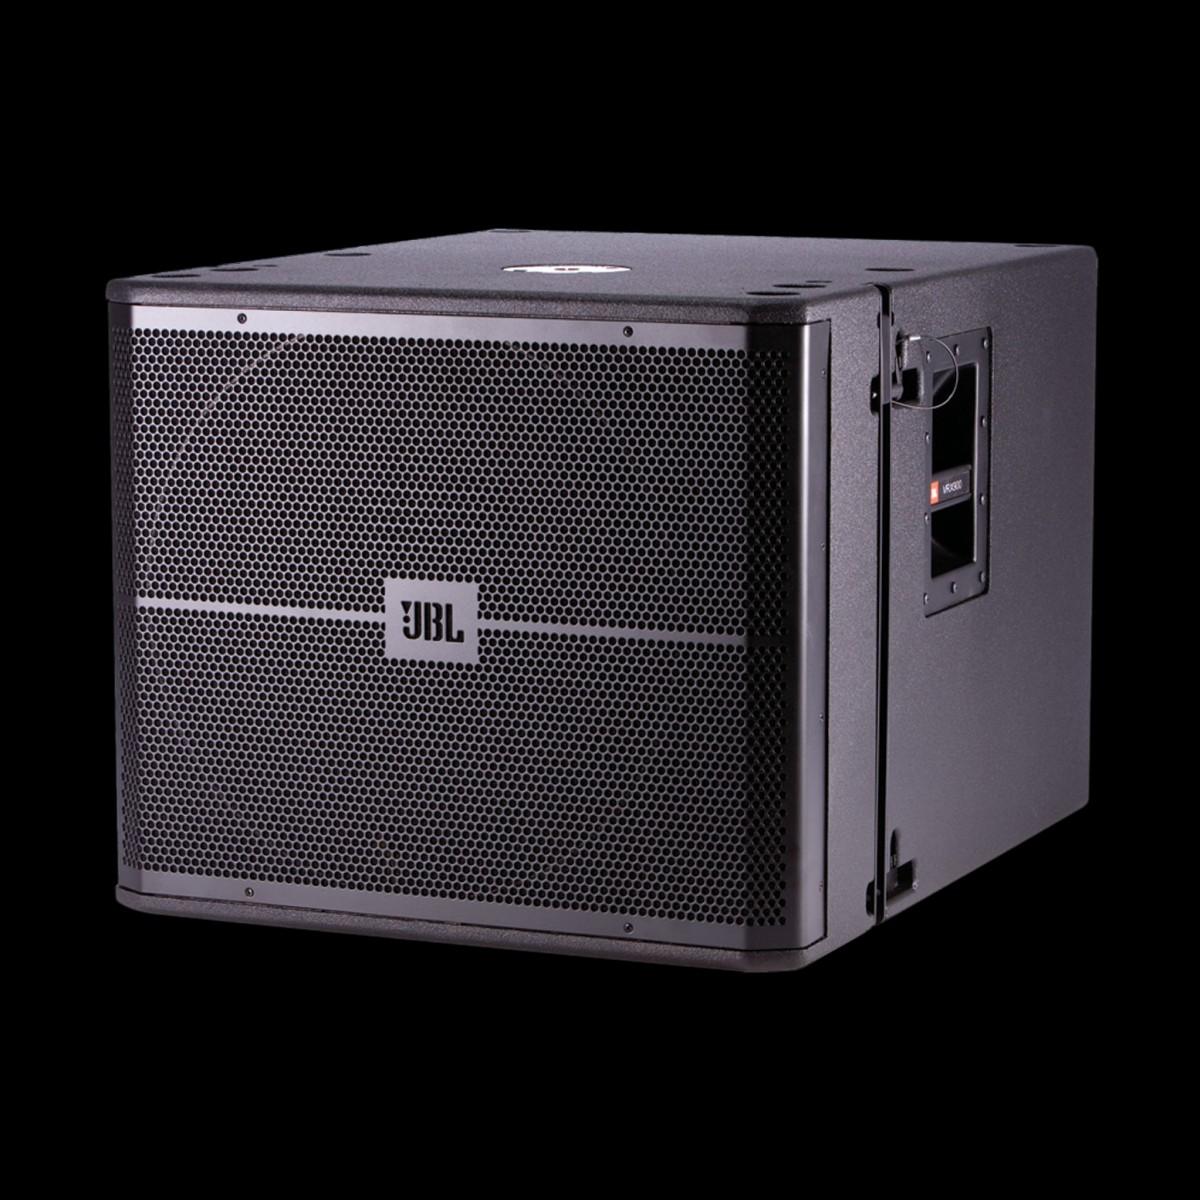 jbl vrx900 vrx918 s grille voor luidsprekerhoes baseline